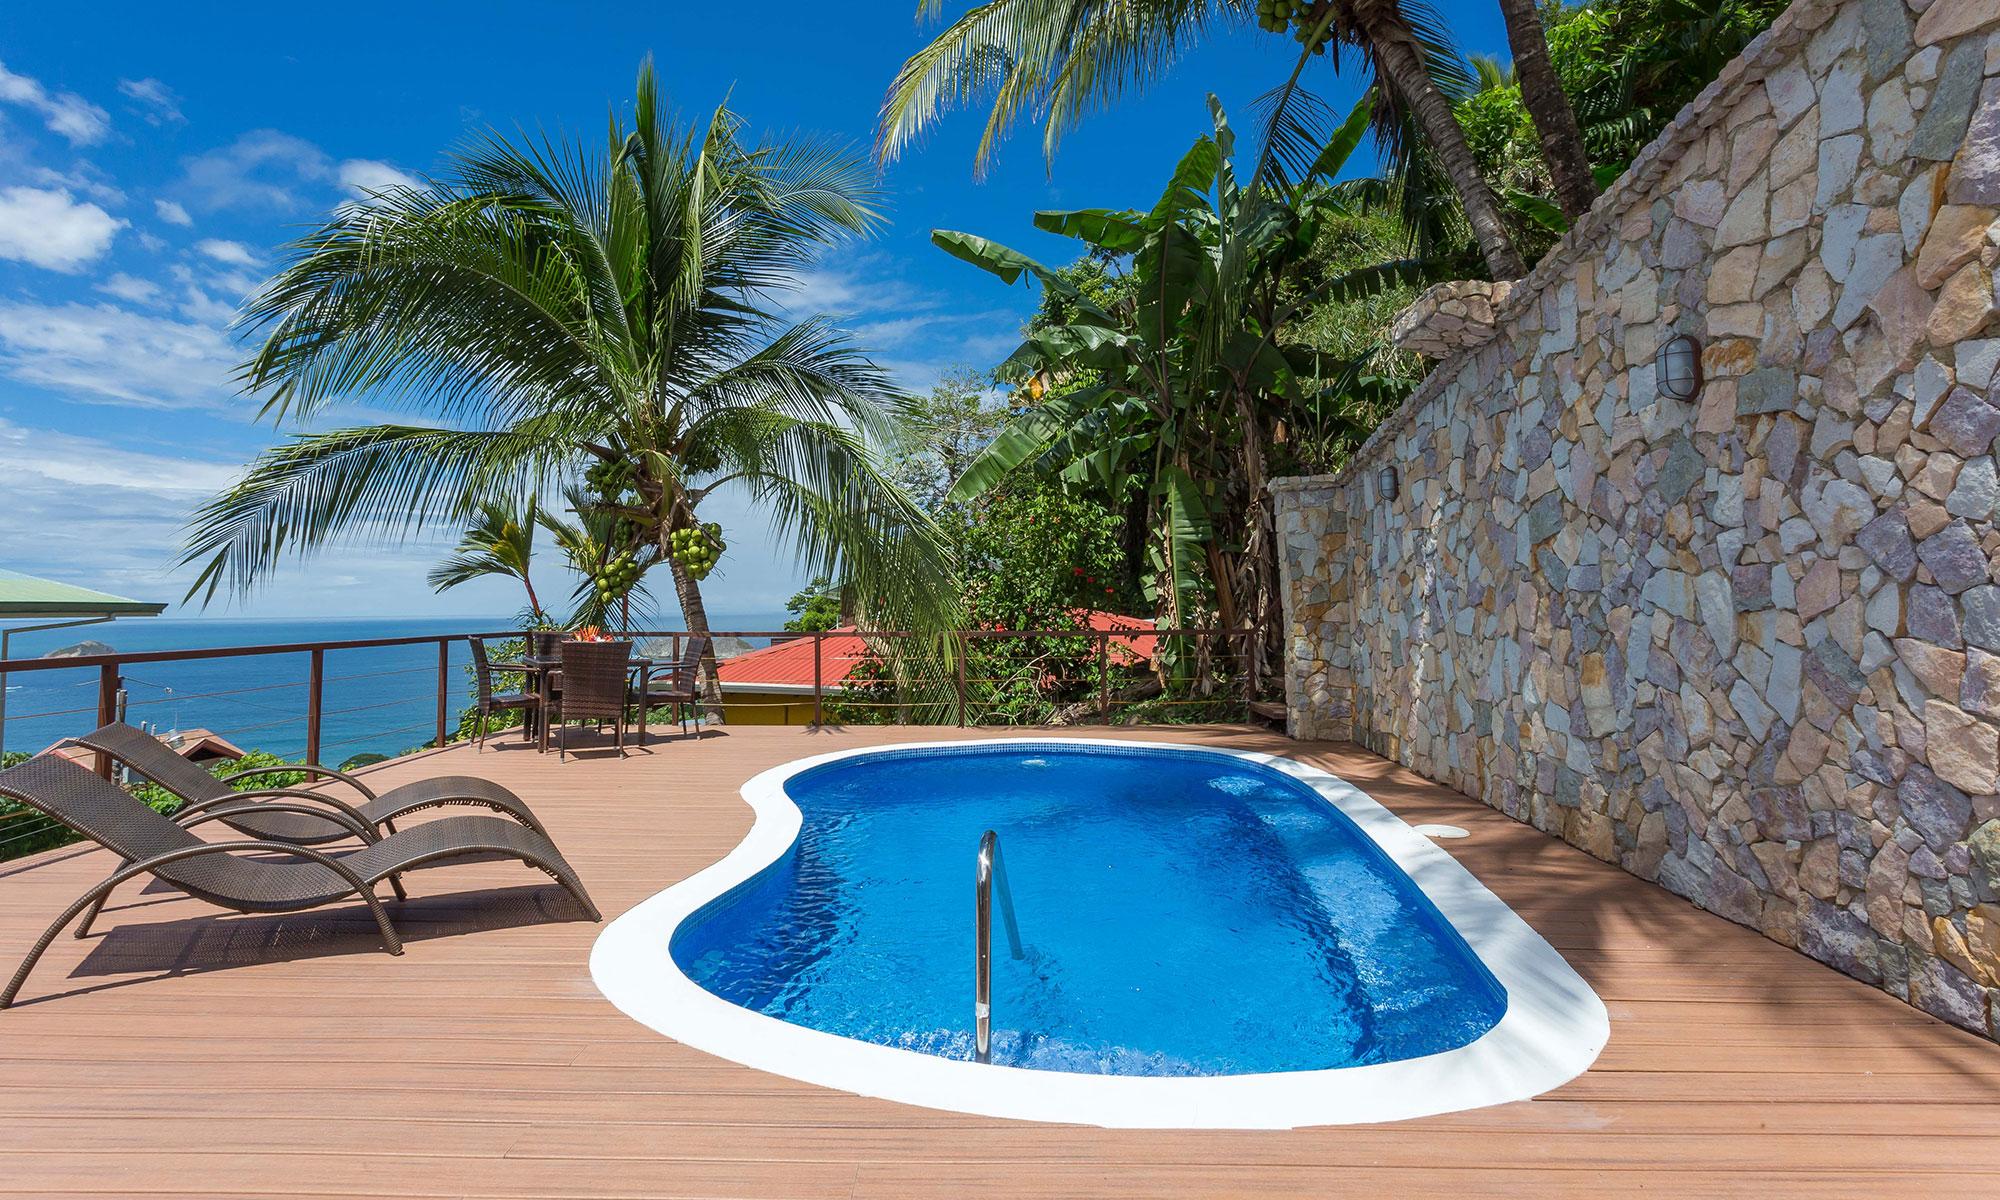 Villa Natura pool and view